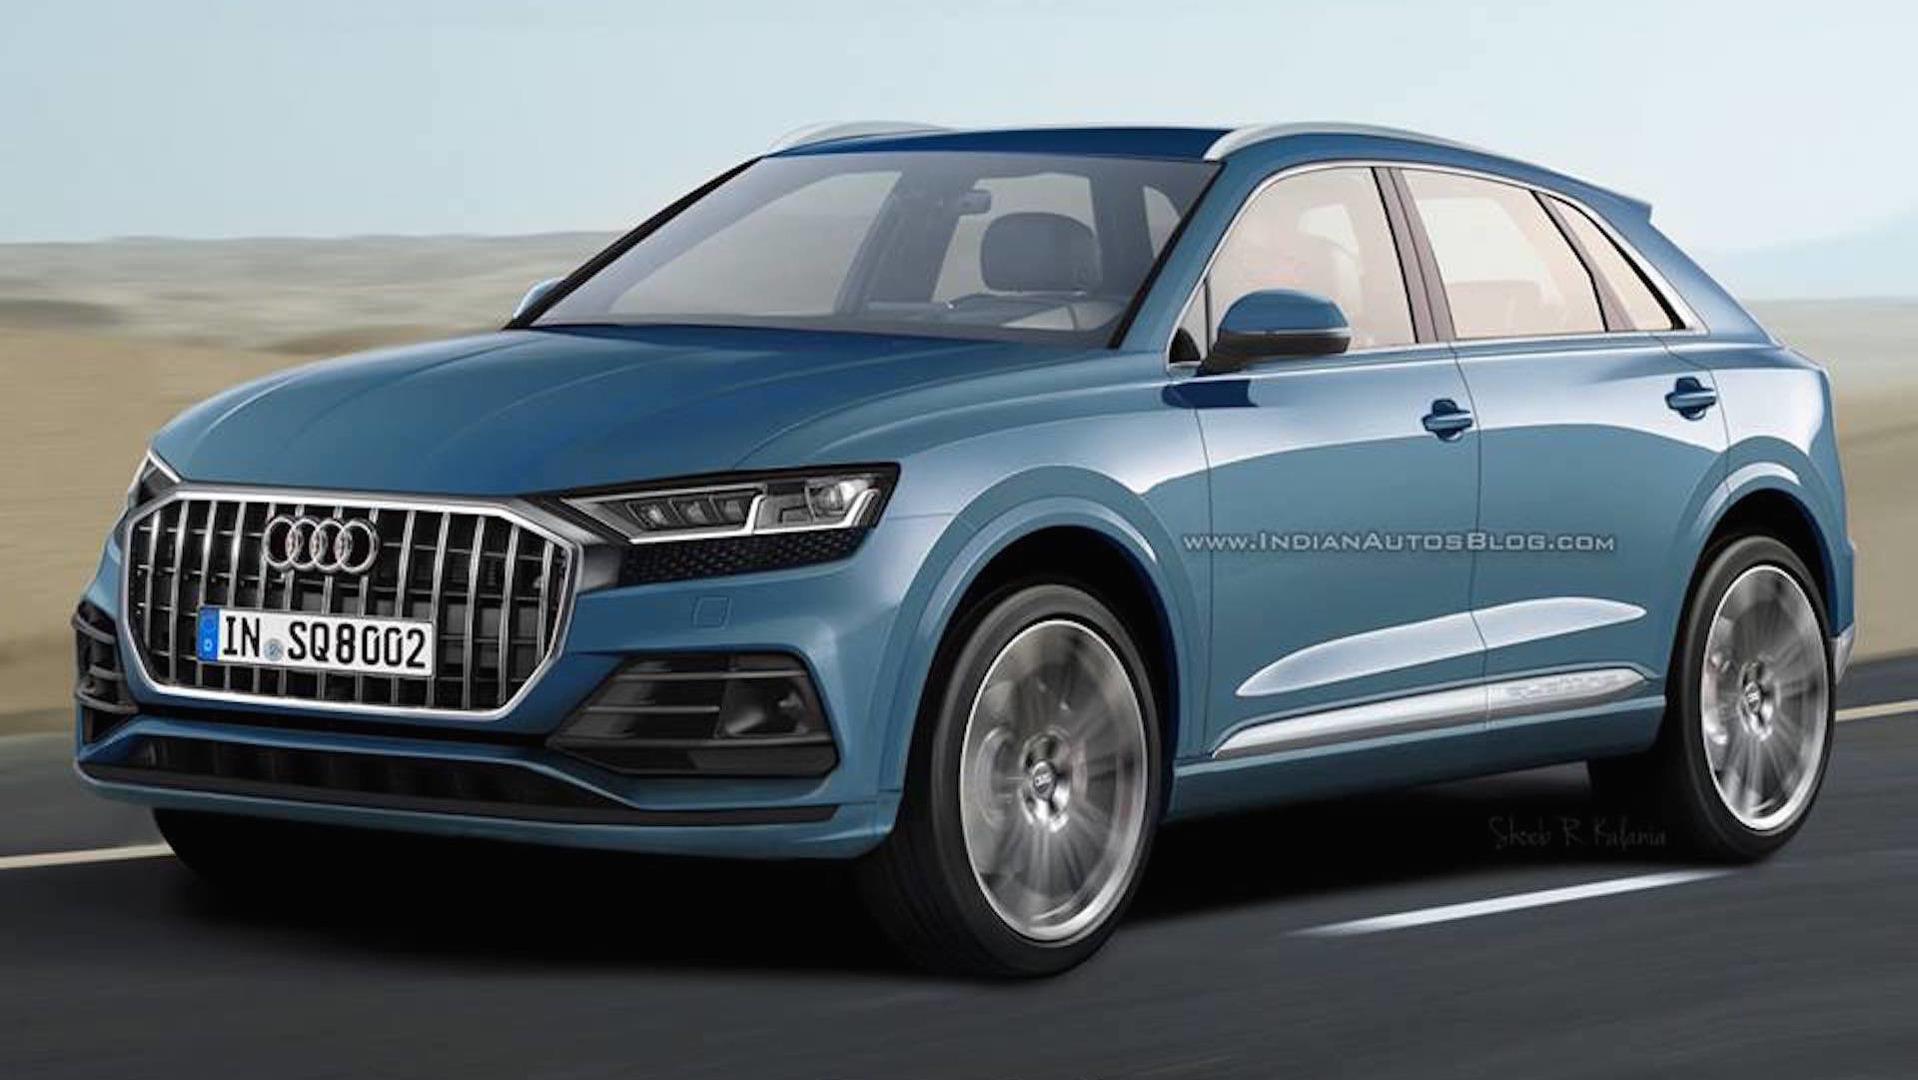 2019 Audi Q8 render looks promising